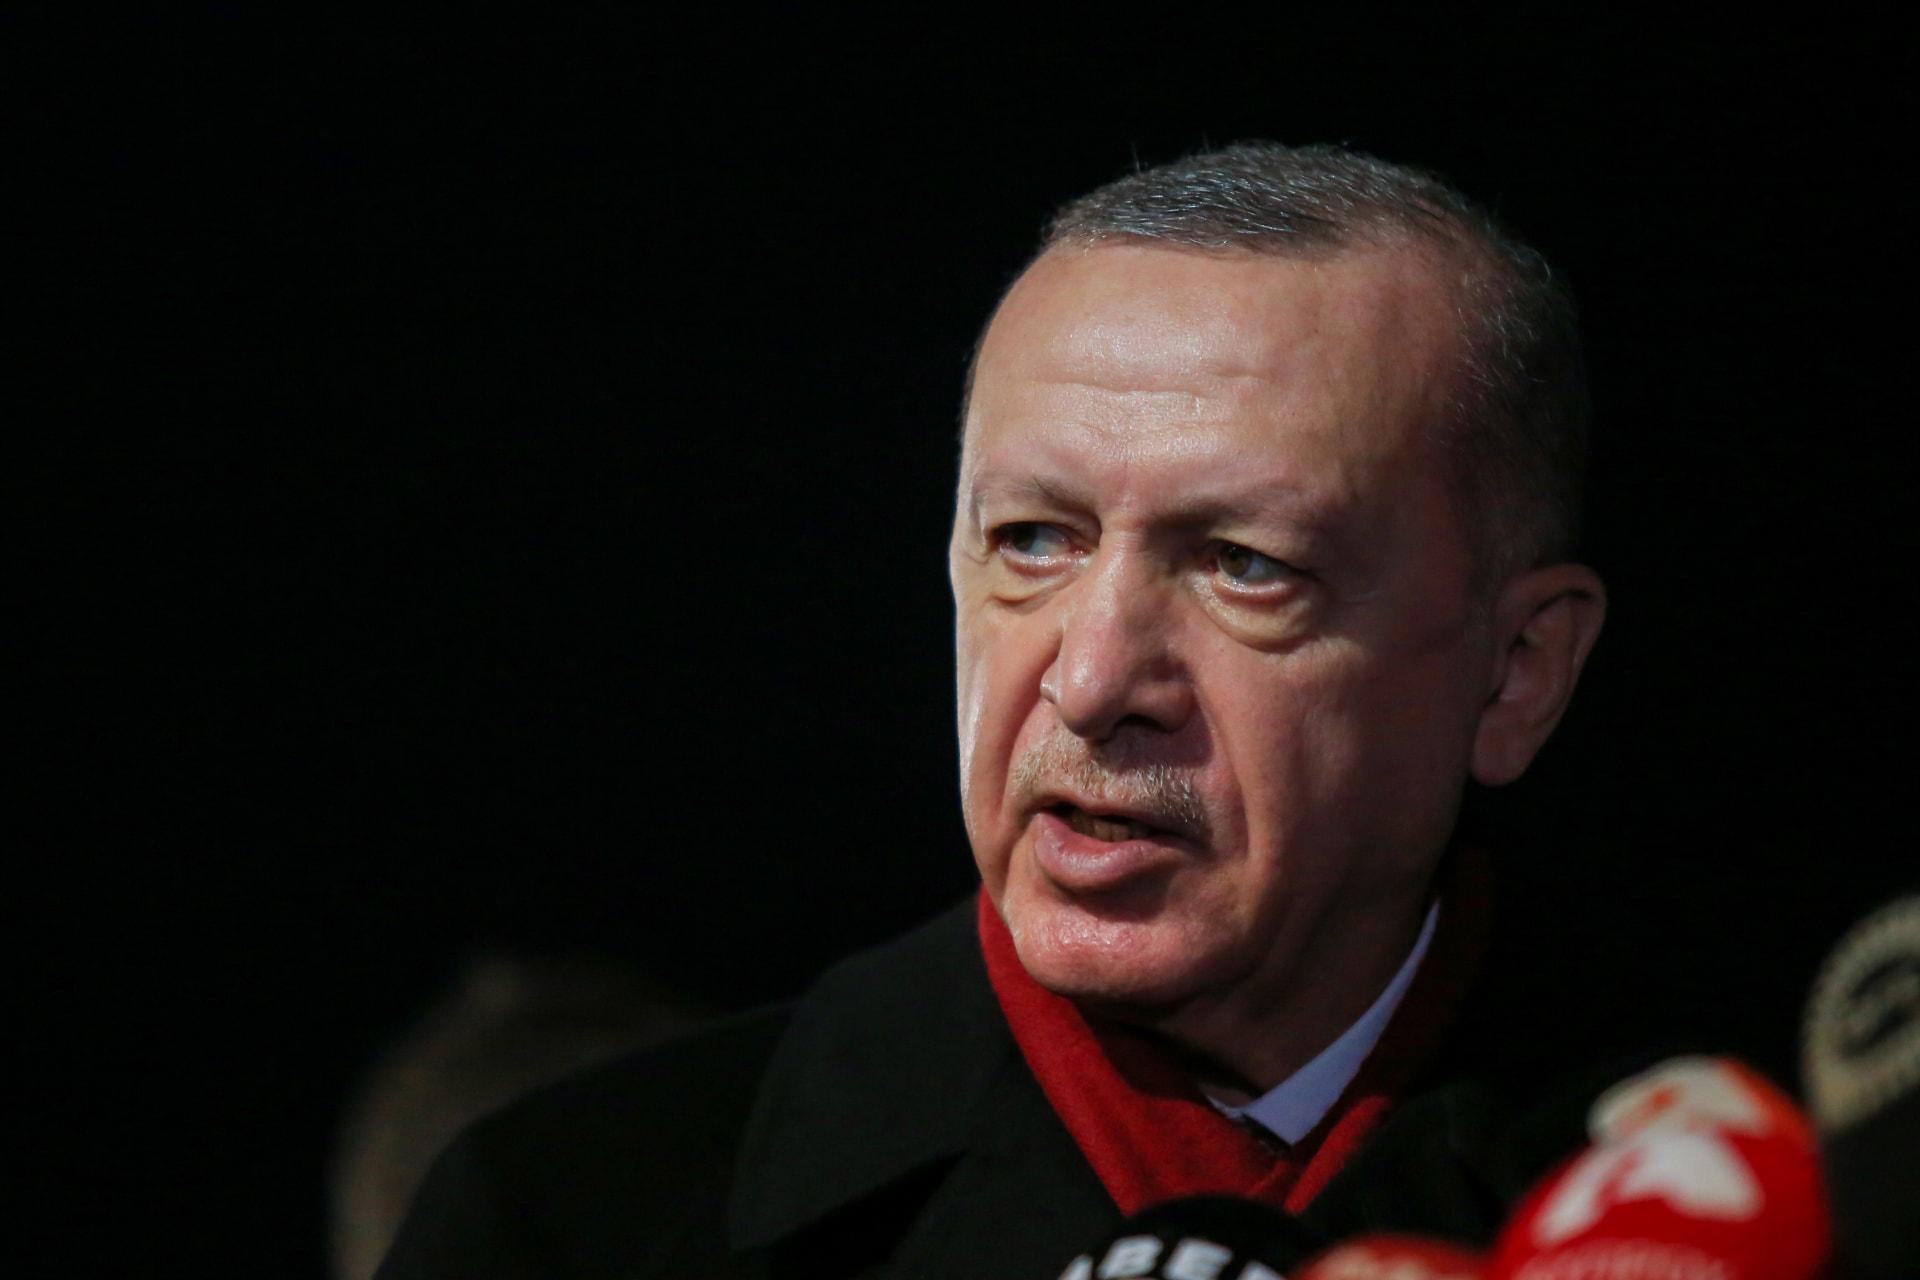 """بعد انتقاد """"قصيدة"""" ألقاها أردوغان.. تركيا ترد على إيران بالمثل: تروج لحملة بث كراهية"""